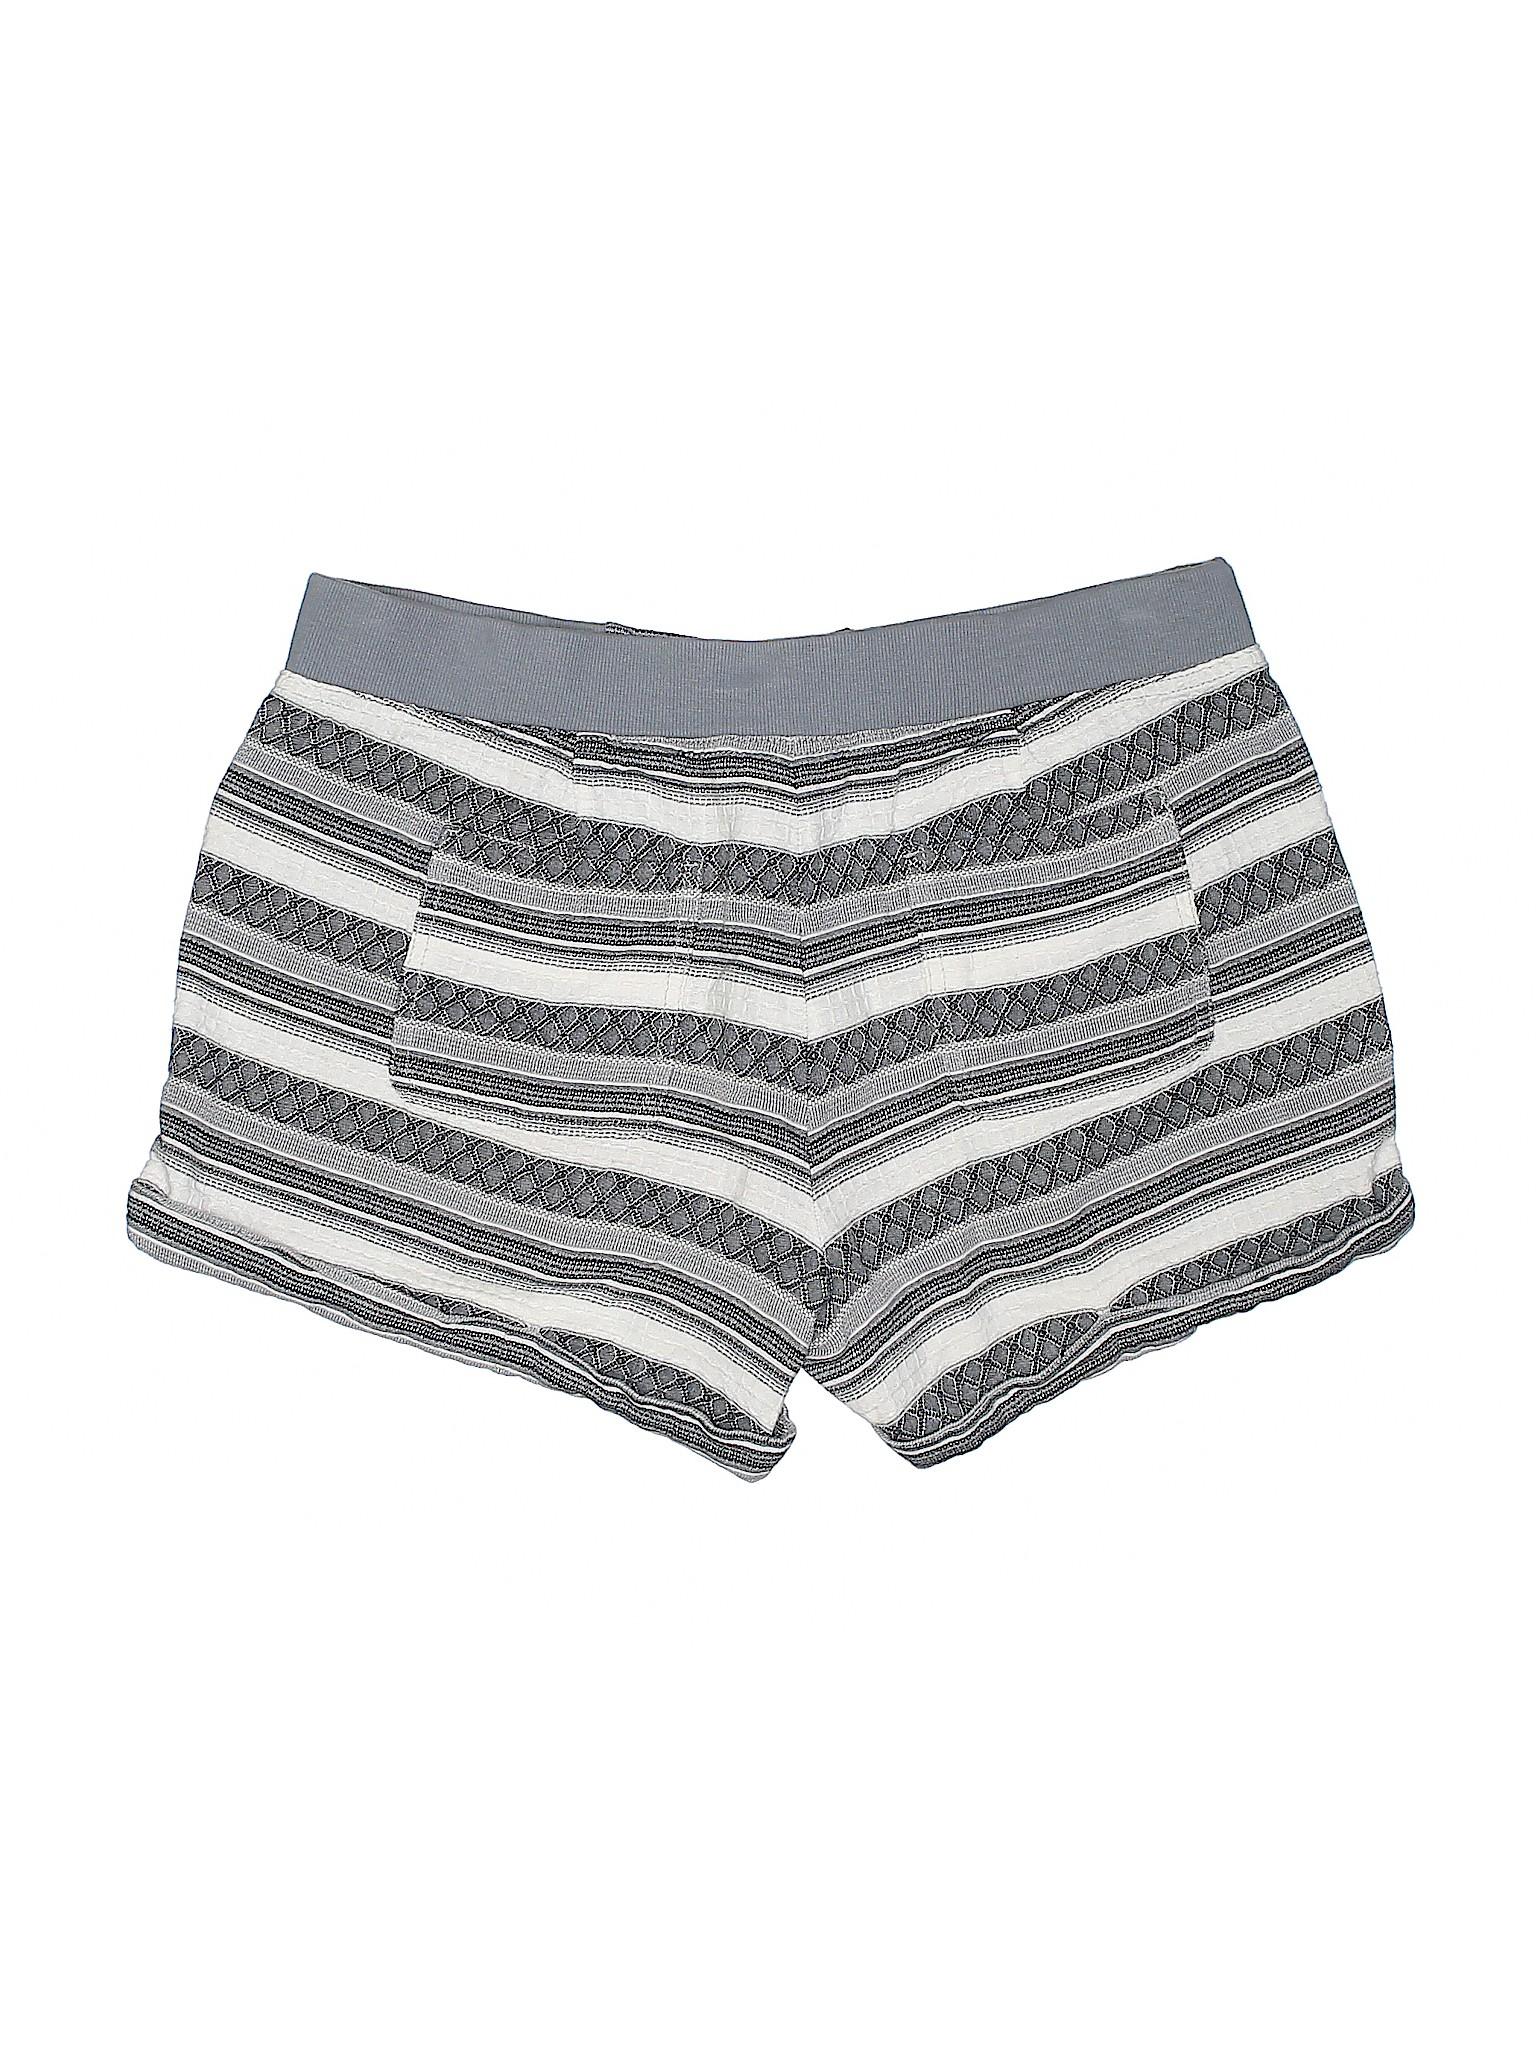 leisure Boutique Shorts Ann LOFT Taylor dnxPrwTn